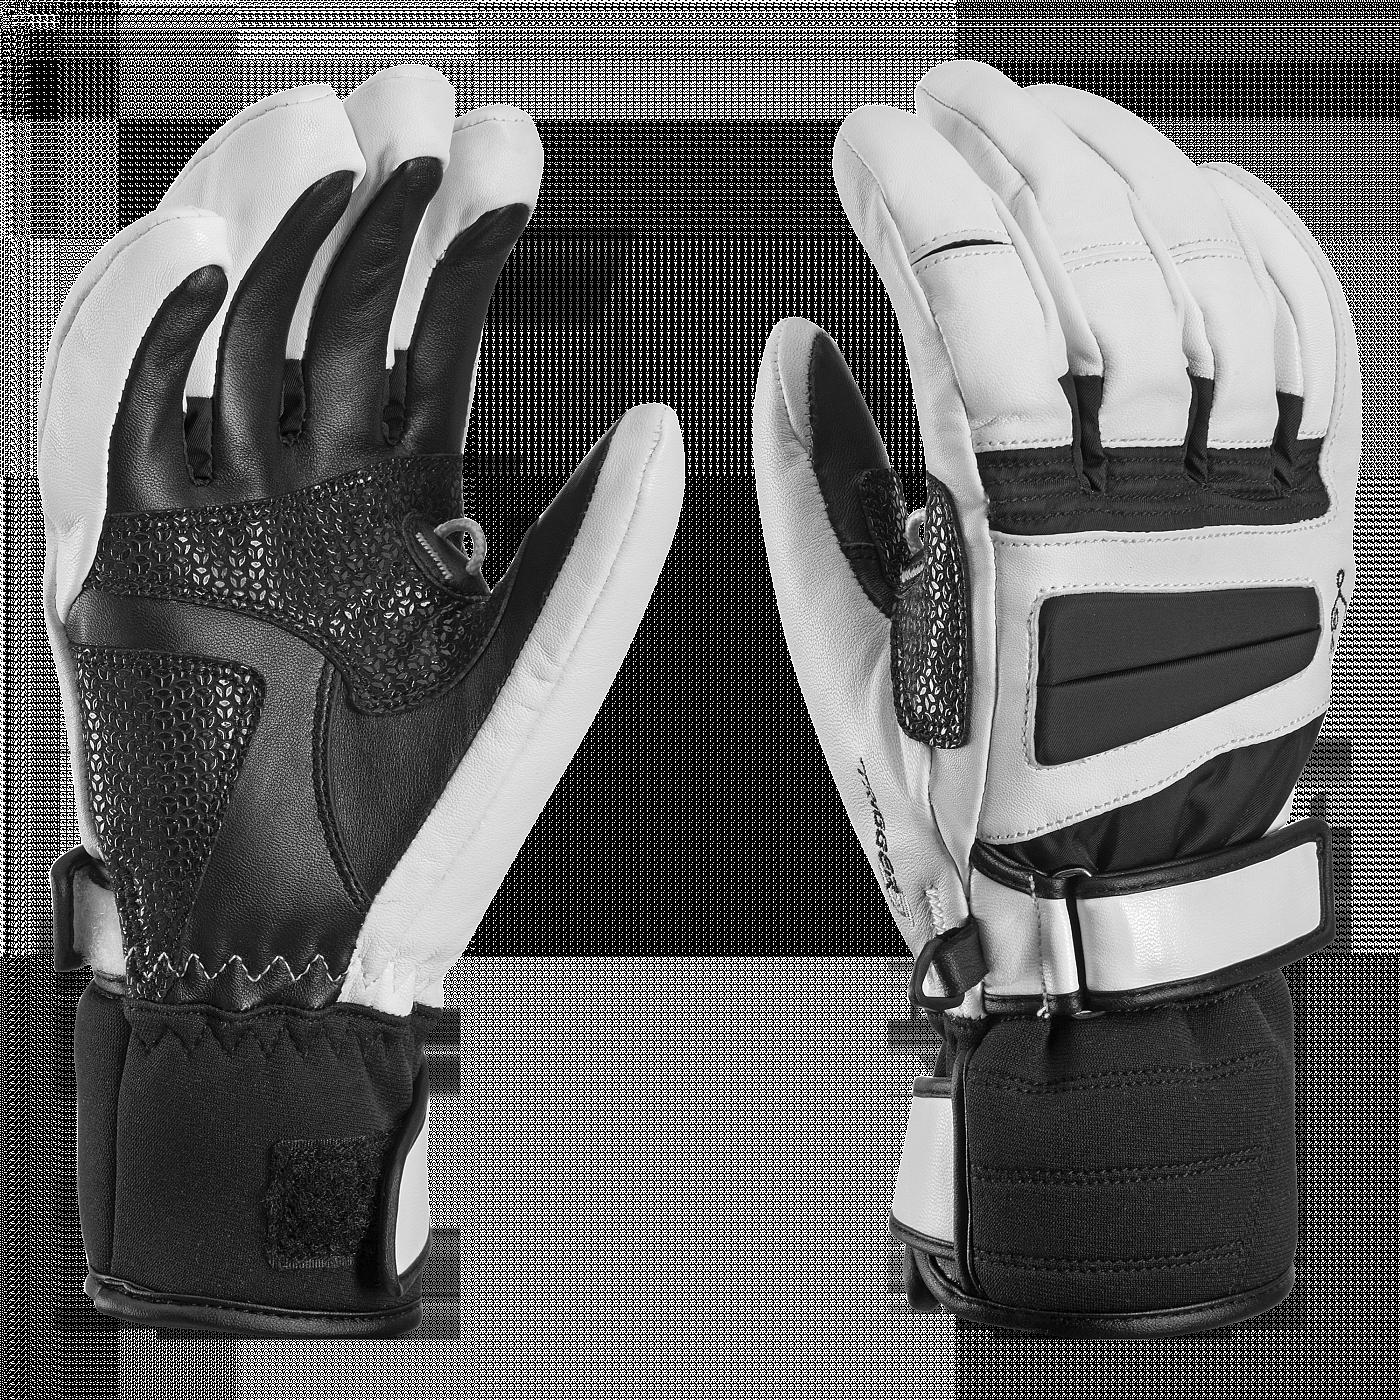 Ženske smučarske rokavice Leki Griffin Pro S Lady 2016